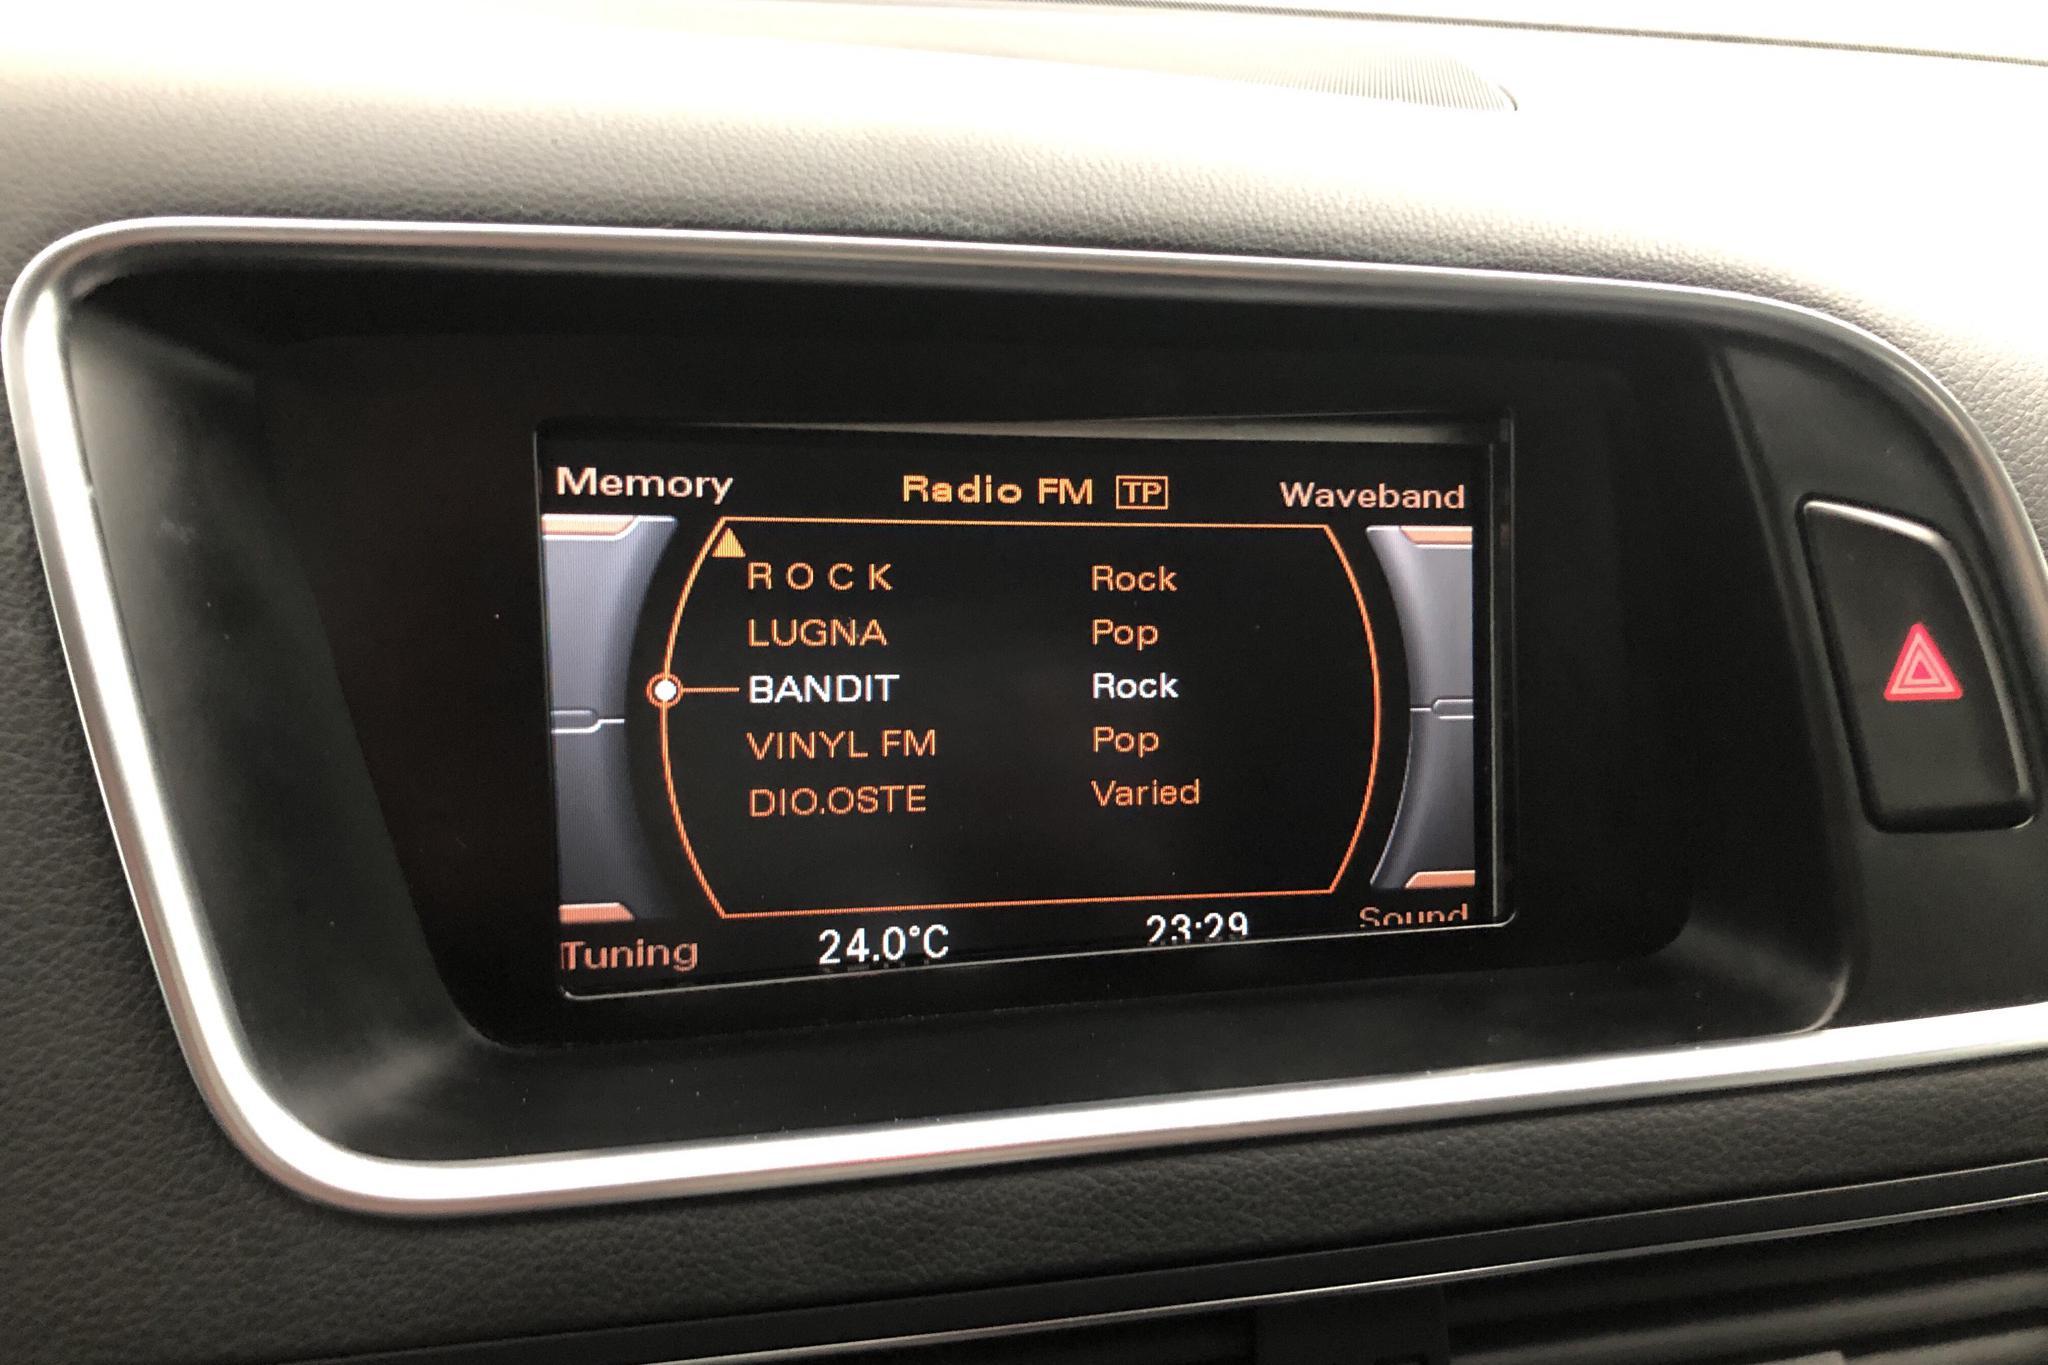 Audi Q5 2.0 TDI quattro (170hk) - 156 610 km - Automatic - black - 2009